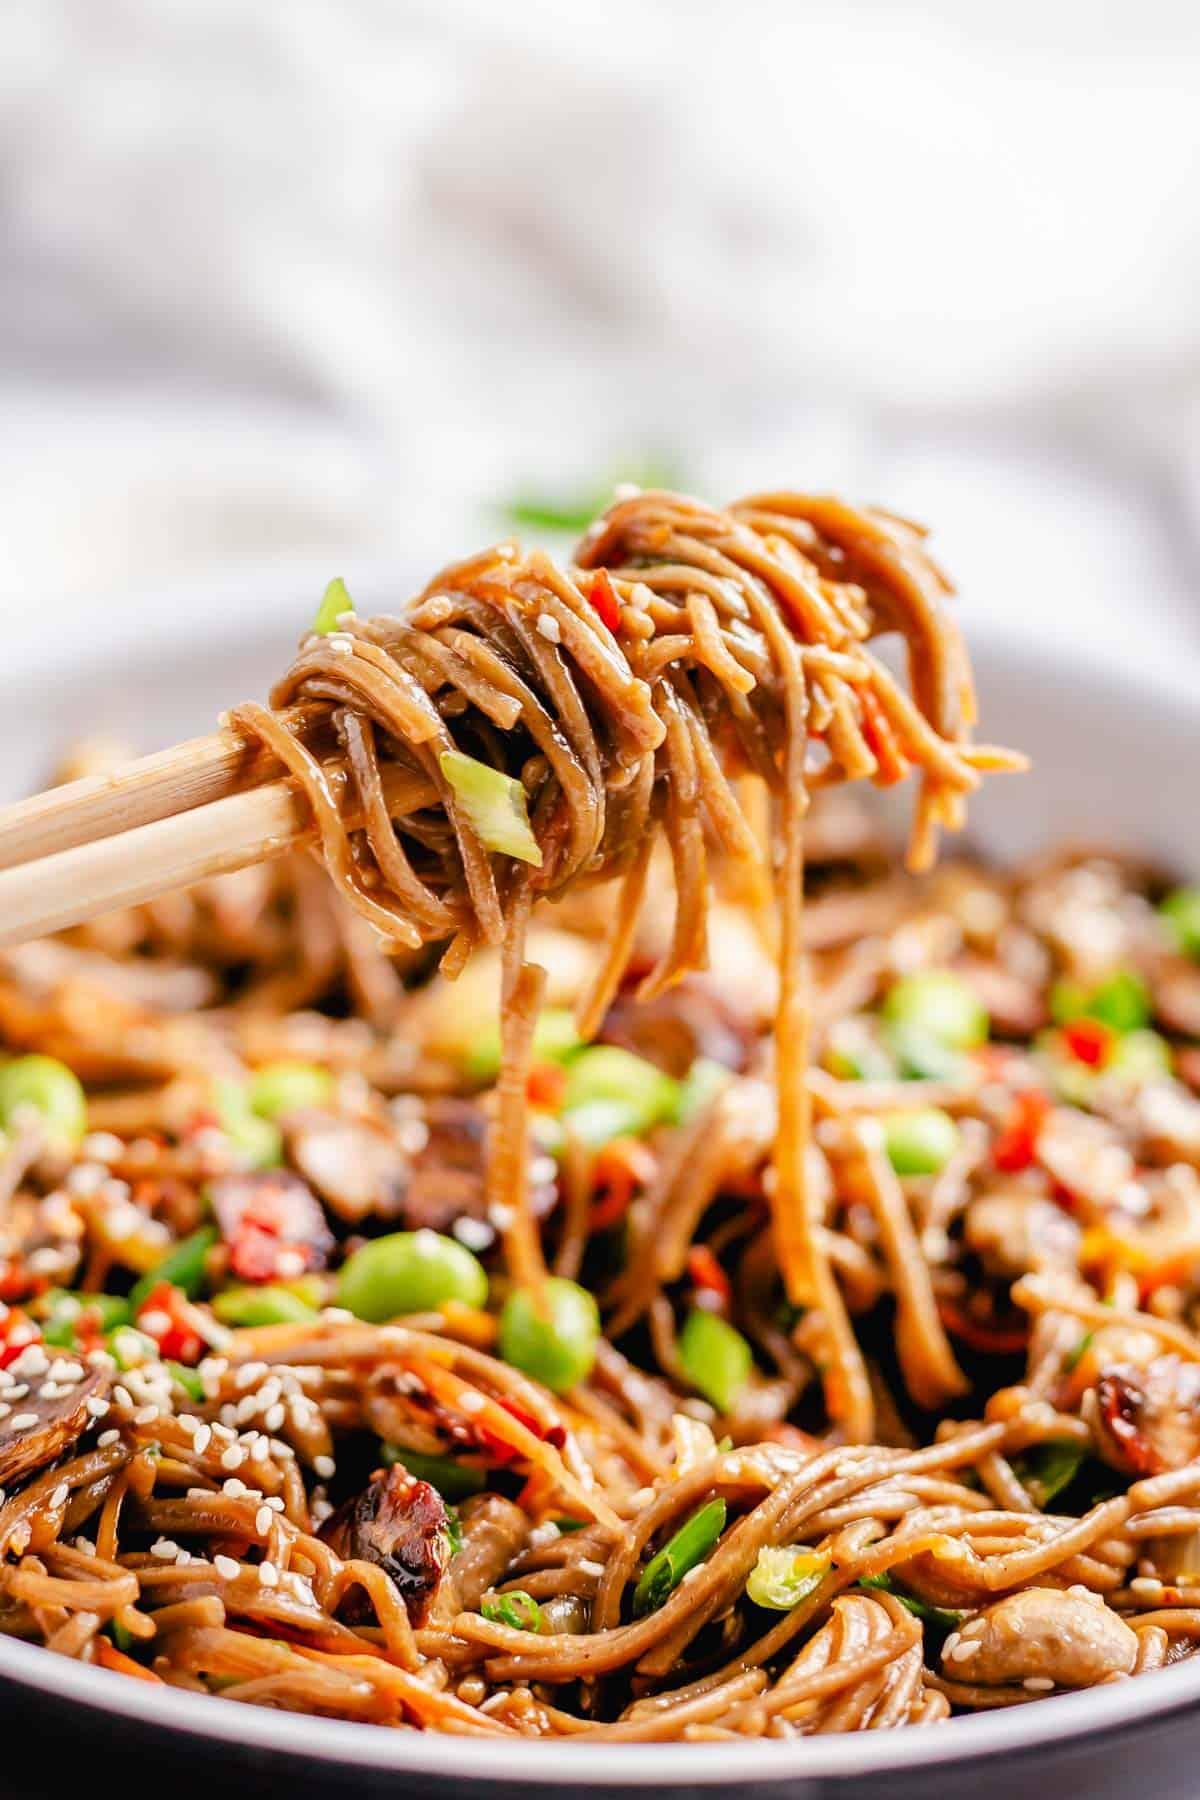 Soba Noodles stir fry close up shot on chopsticks